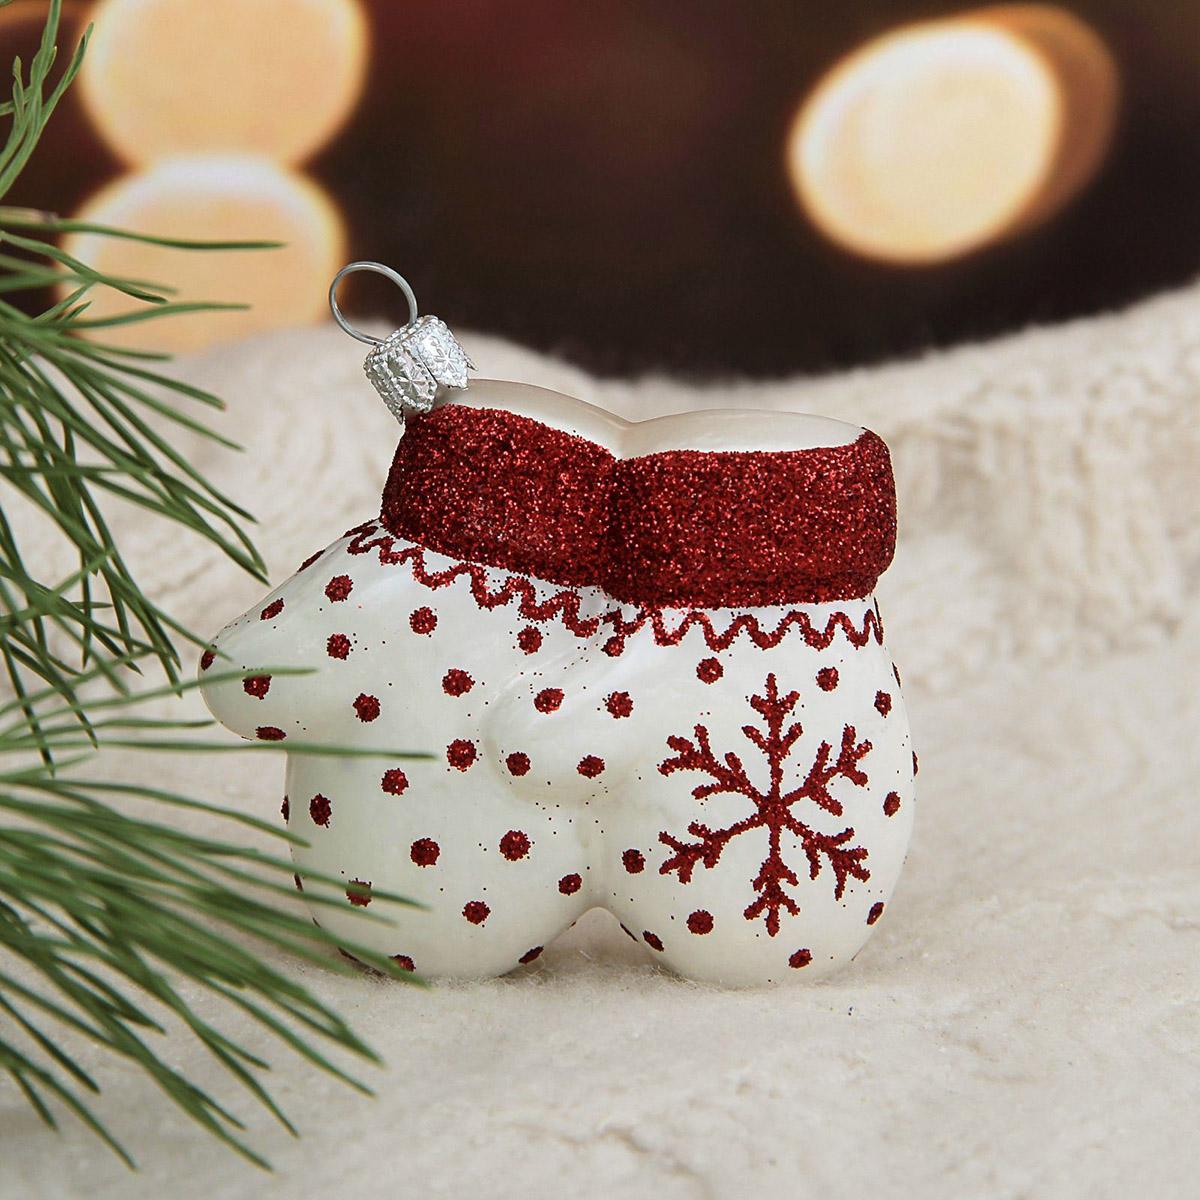 Украшение новогоднее елочное Hanco Design Варежки белые, высота 7 см106425Невозможно представить нашу жизнь без праздников! Мы всегда ждём их и предвкушаем, обдумываем, как проведём памятный день, тщательно выбираем подарки и аксессуары, ведь именно они создают и поддерживают торжественный настрой.